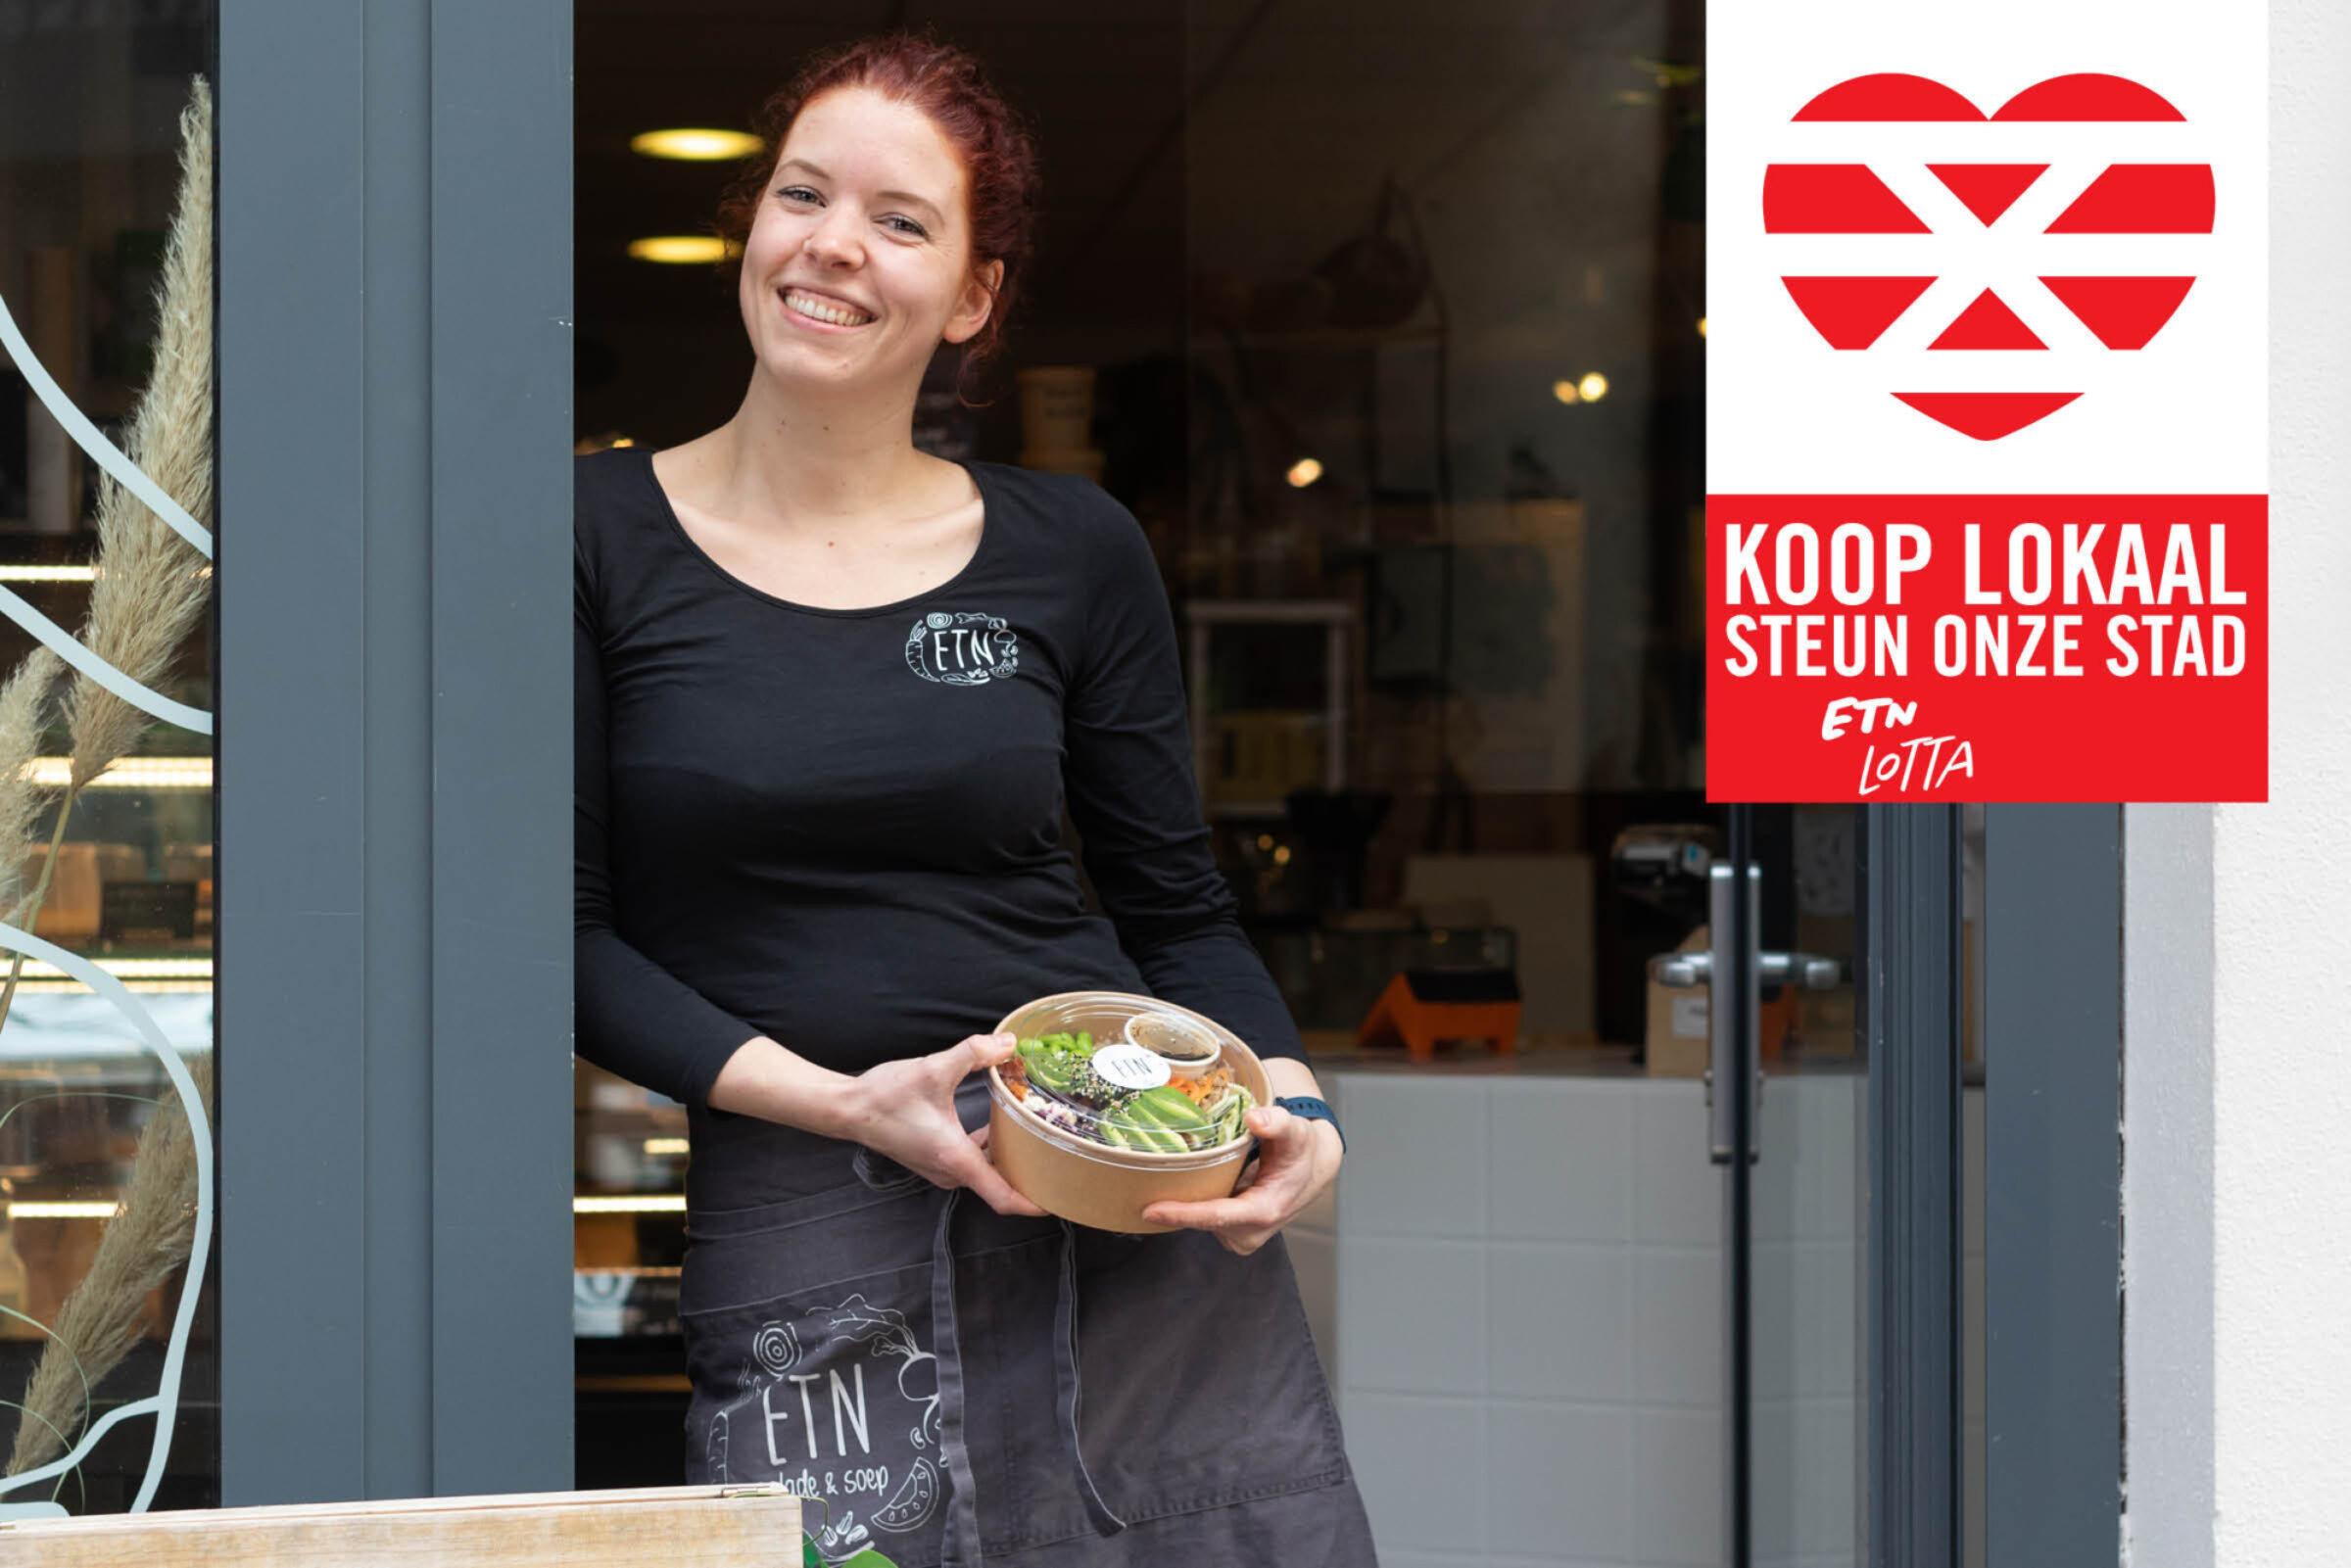 Steun onze stad Koop lokaal Enschede ETN Lotta